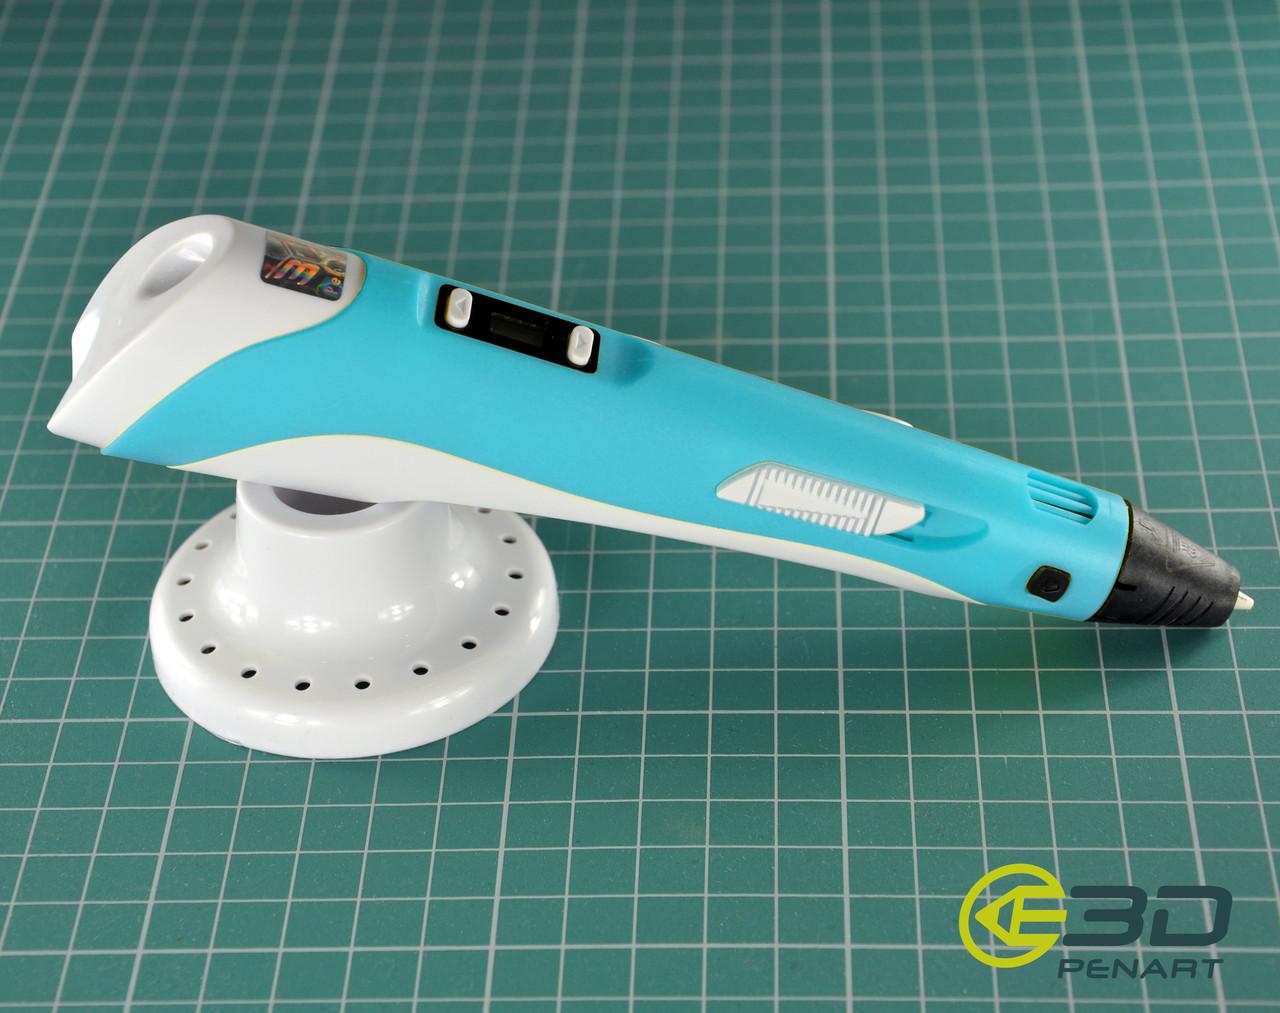 3д ручка 3DPenArt Model 2 LCD дисплей (3D pen), голубой + набор пластика 12 цветов в подарок